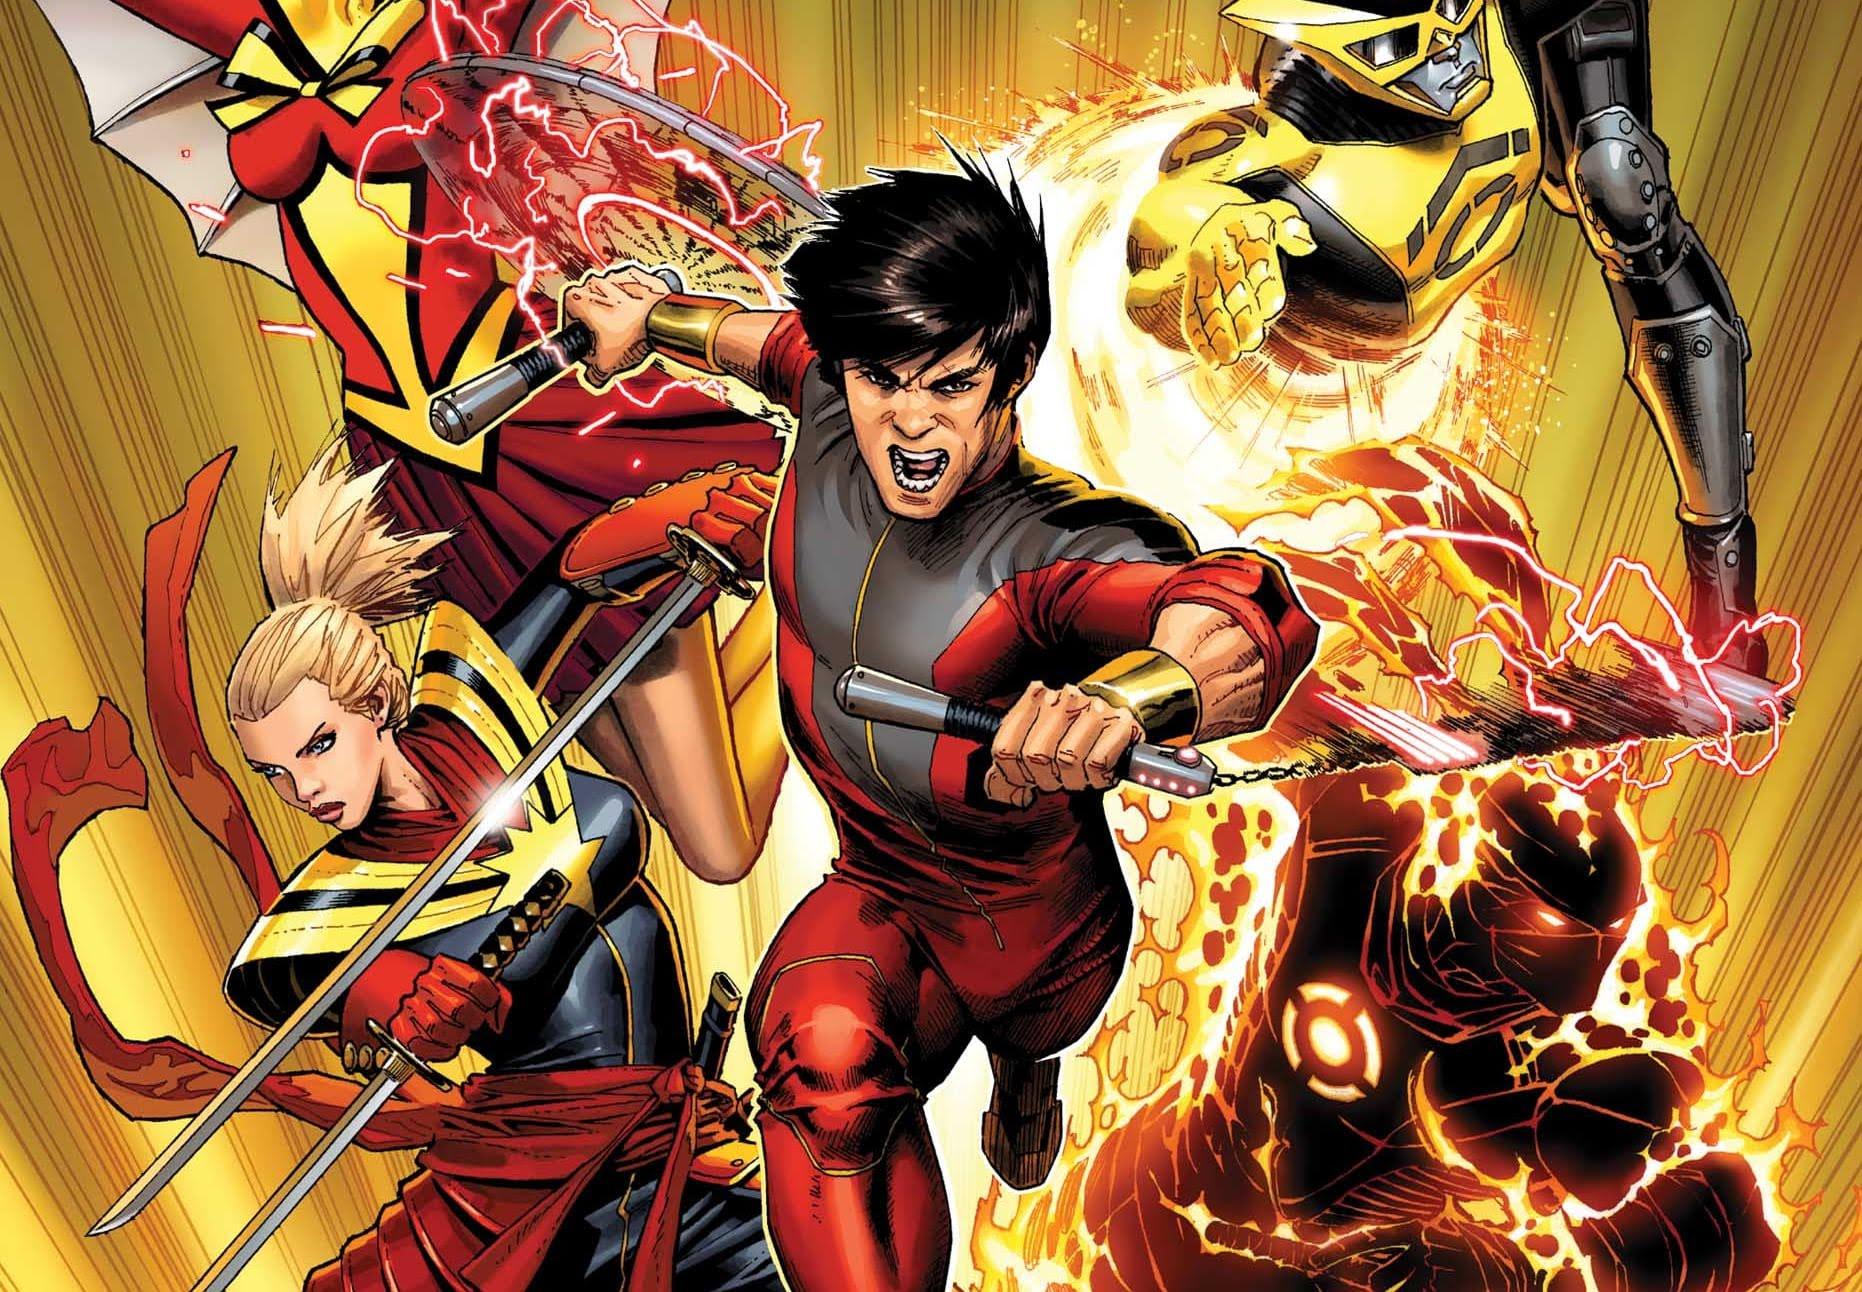 Shang-Chi : マーベル・シネマティック・ユニバースに、カンフーの達人のアジア系ヒーローが参戦 ! !、ディズニー・マーベルが、ハリウッド版「ゴジラ」の原案者を起用して、「シャンチー」の映画化に着手 ! !